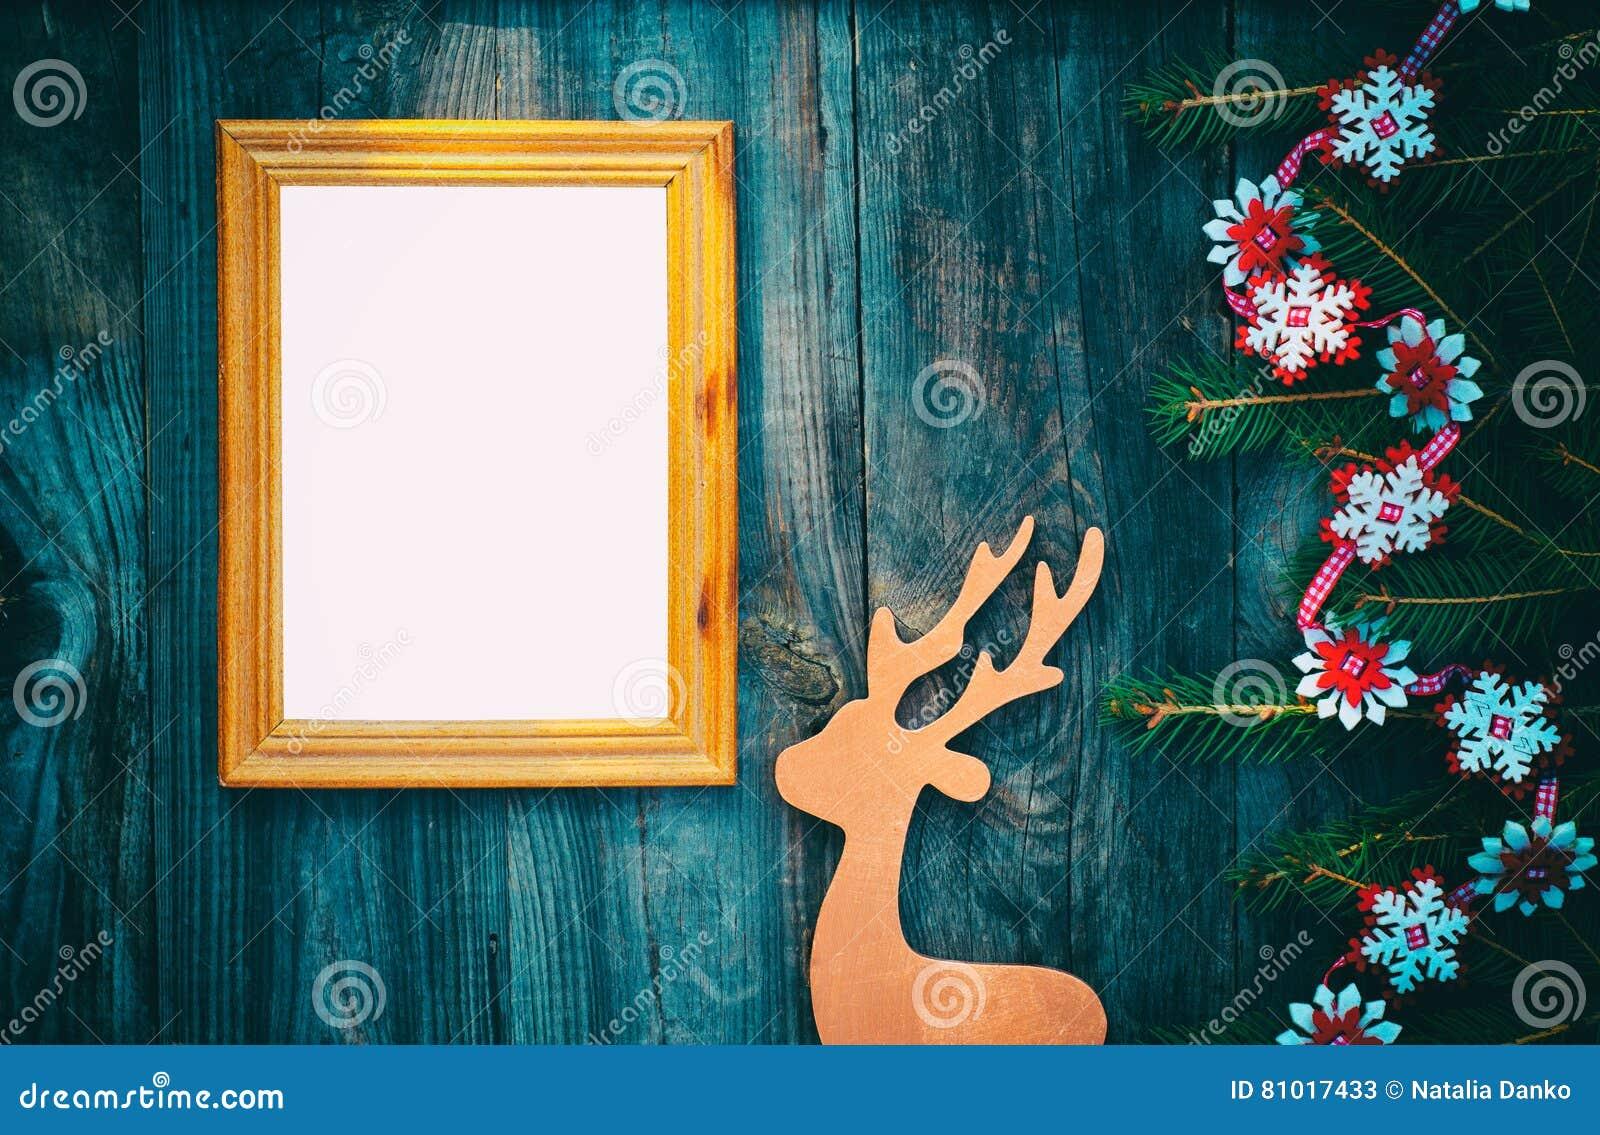 cadre de tableau vide sur une surface en bois grise avec le deco de no l image stock image du. Black Bedroom Furniture Sets. Home Design Ideas